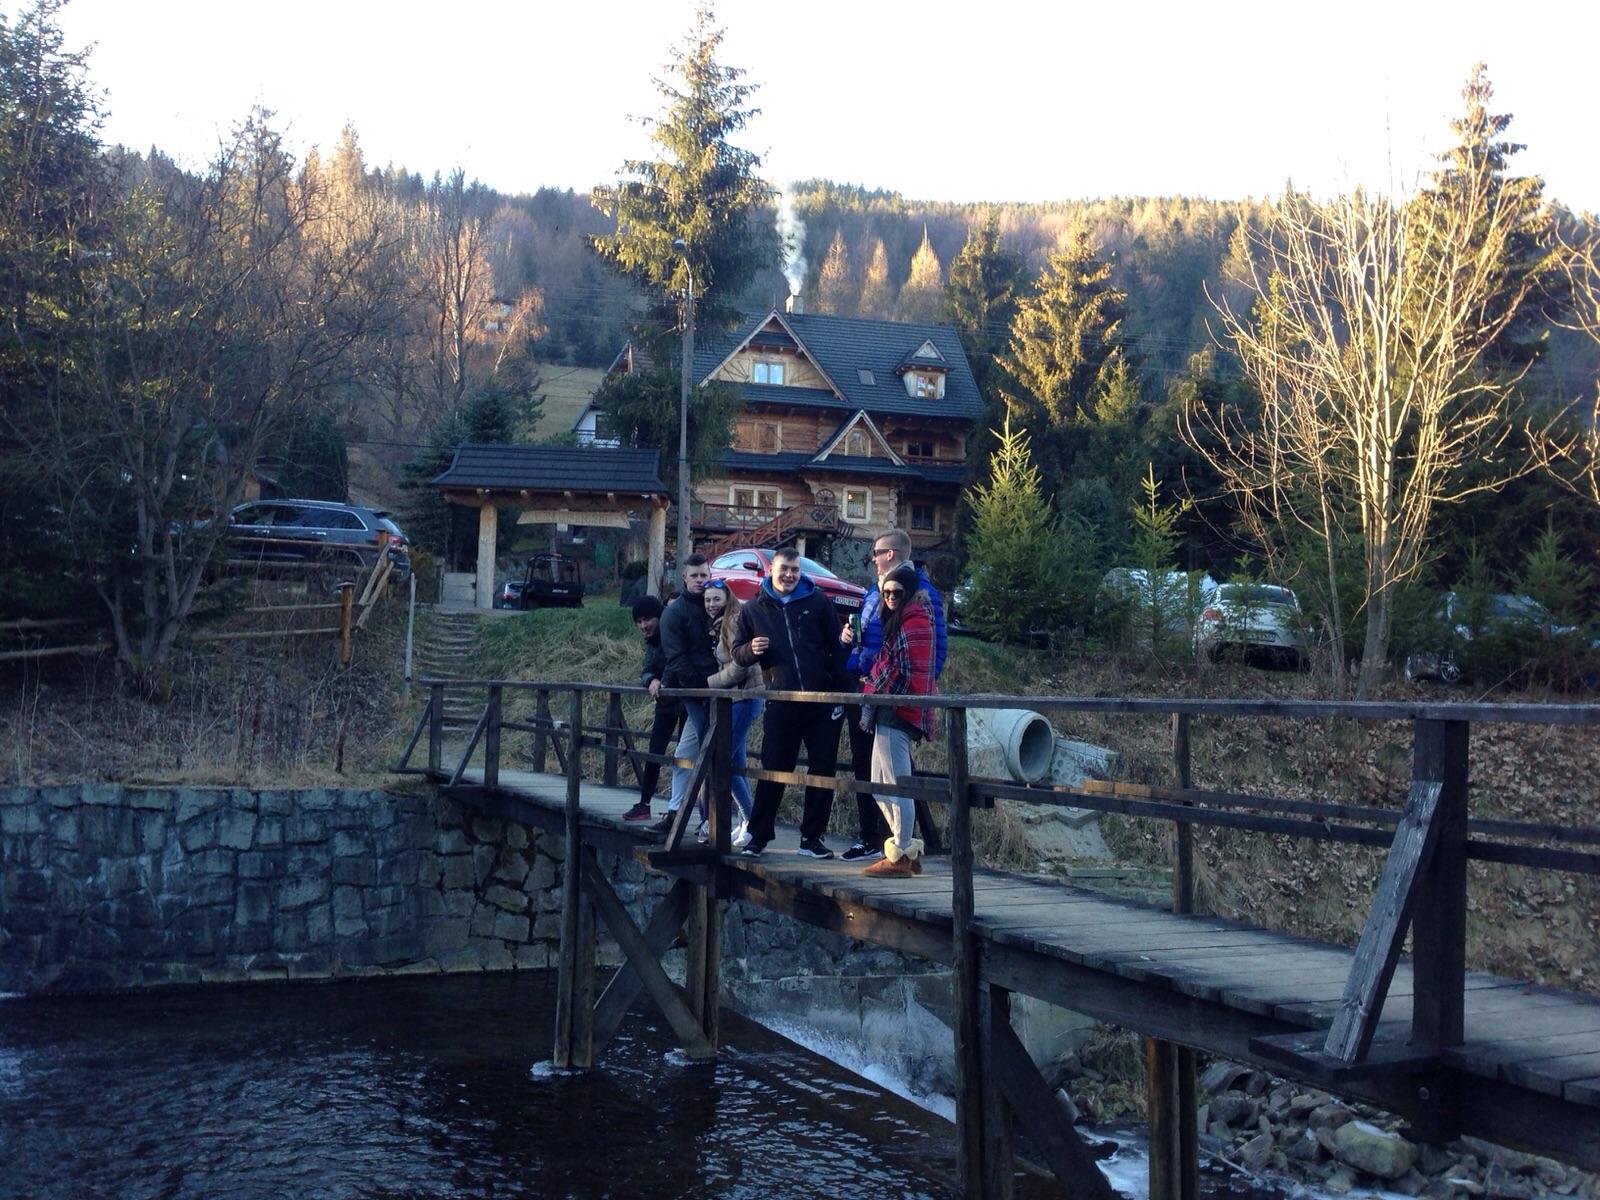 ALKO BLOGSPOT: Nowy Rok w górach | Podsumowanie | Postanowienia